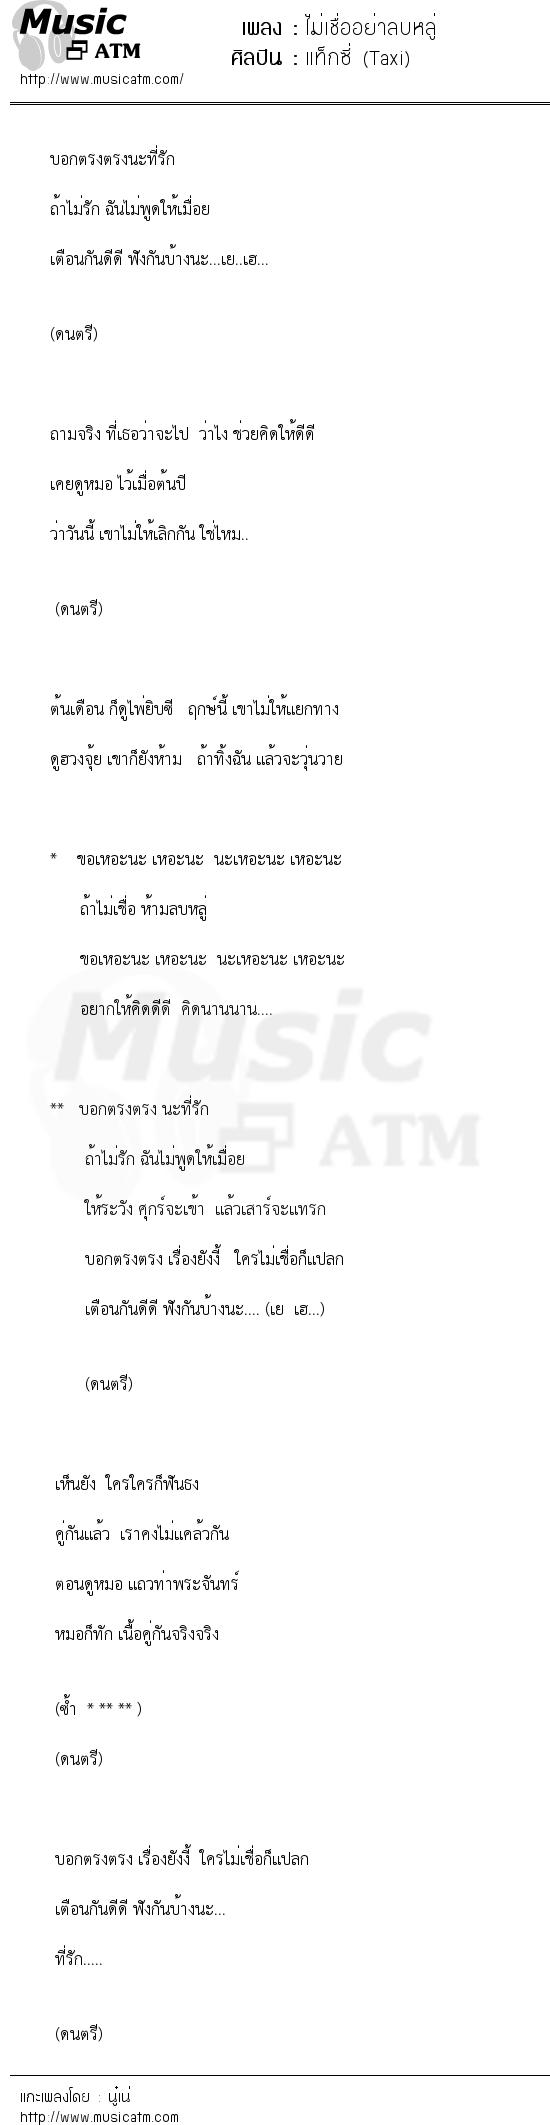 ไม่เชื่ออย่าลบหลู่ | เพลงไทย